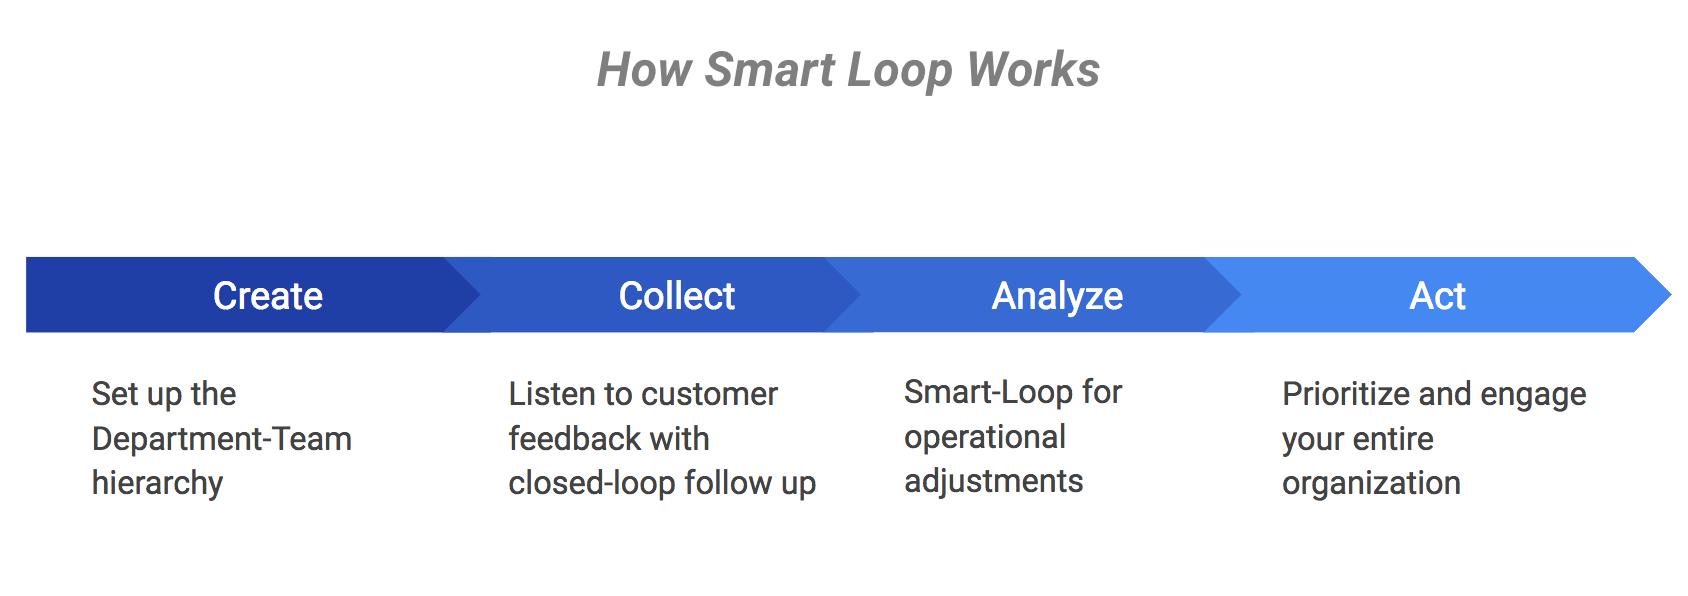 smart-loop-works